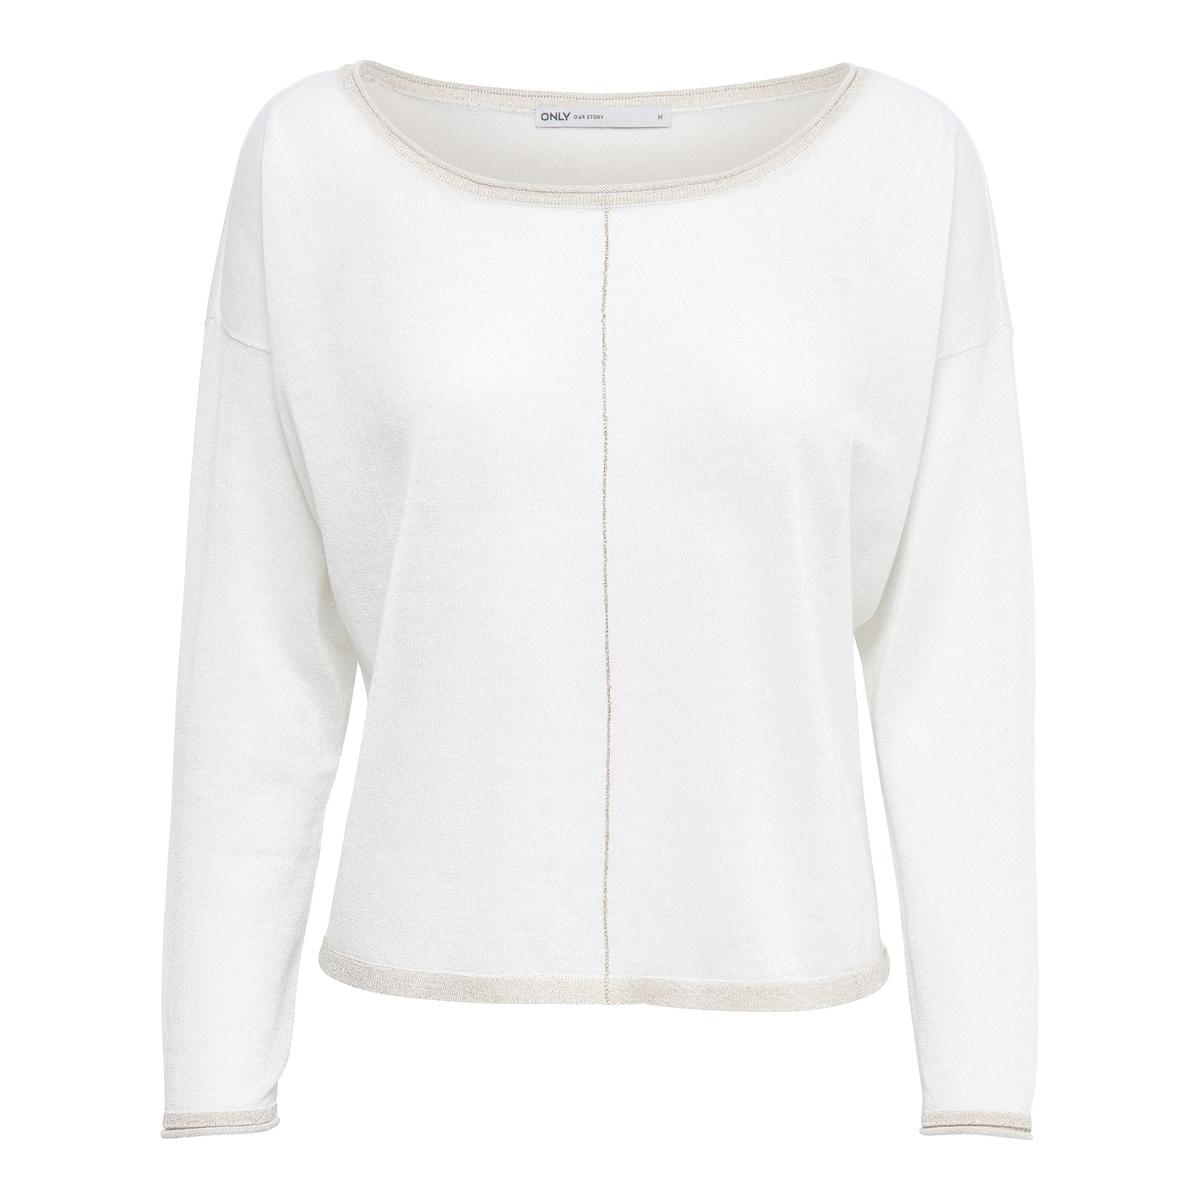 Пуловер с длинными рукавамиОписание:Детали   •  Пуловер классический •  Длинные рукава •  Круглый вырез •  Тонкий трикотажСостав и уход   •  15% льна, 85% полиэстера •  Следуйте рекомендациям по уходу, указанным на этикетке изделия<br><br>Цвет: синий морской<br>Размер: XS